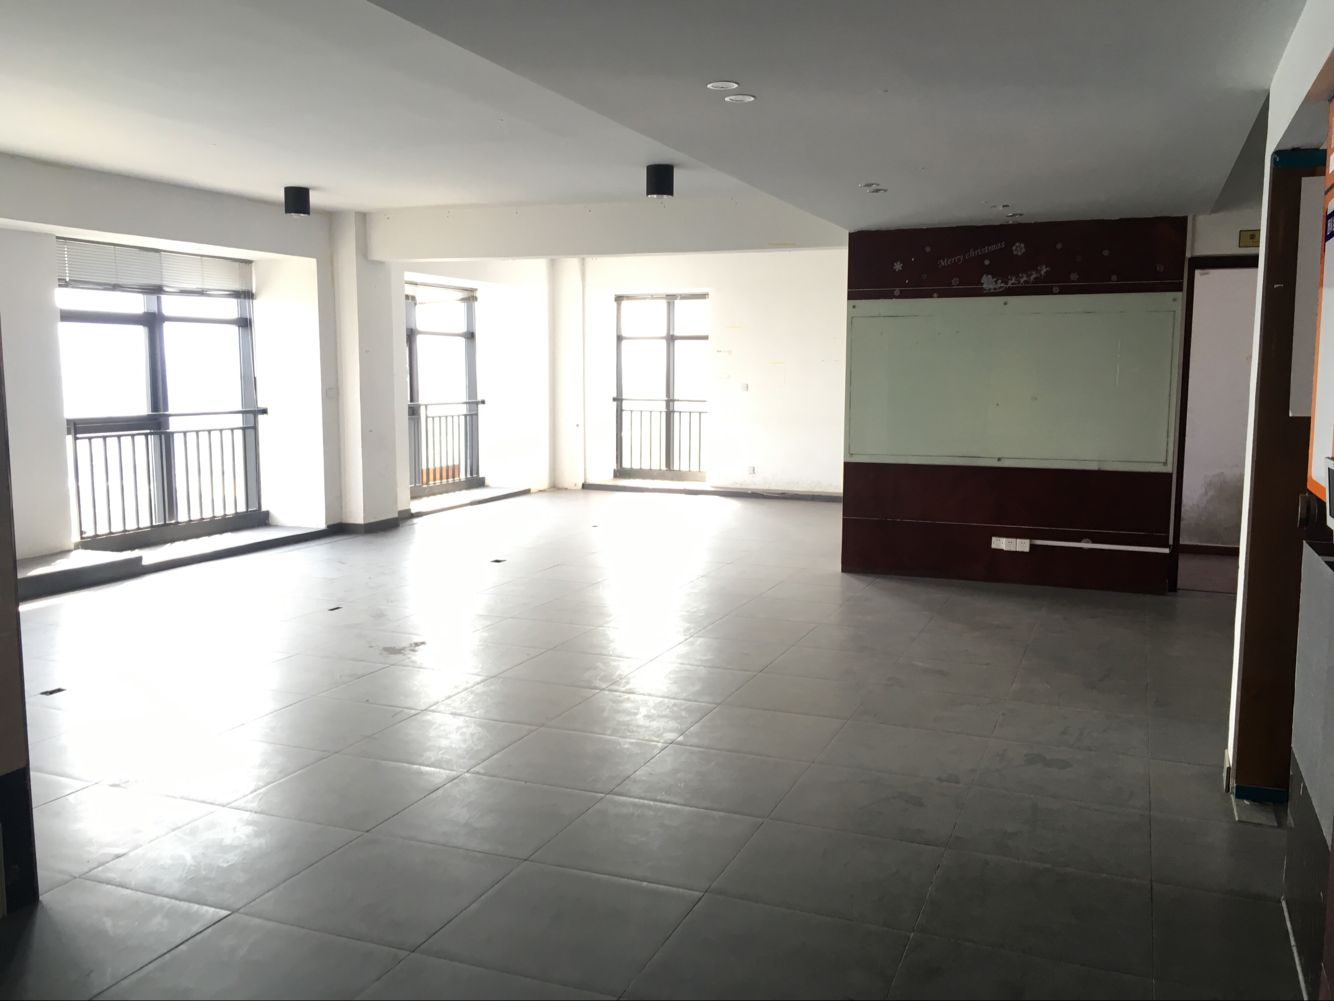 江滨北路 宾王双学区 带电梯